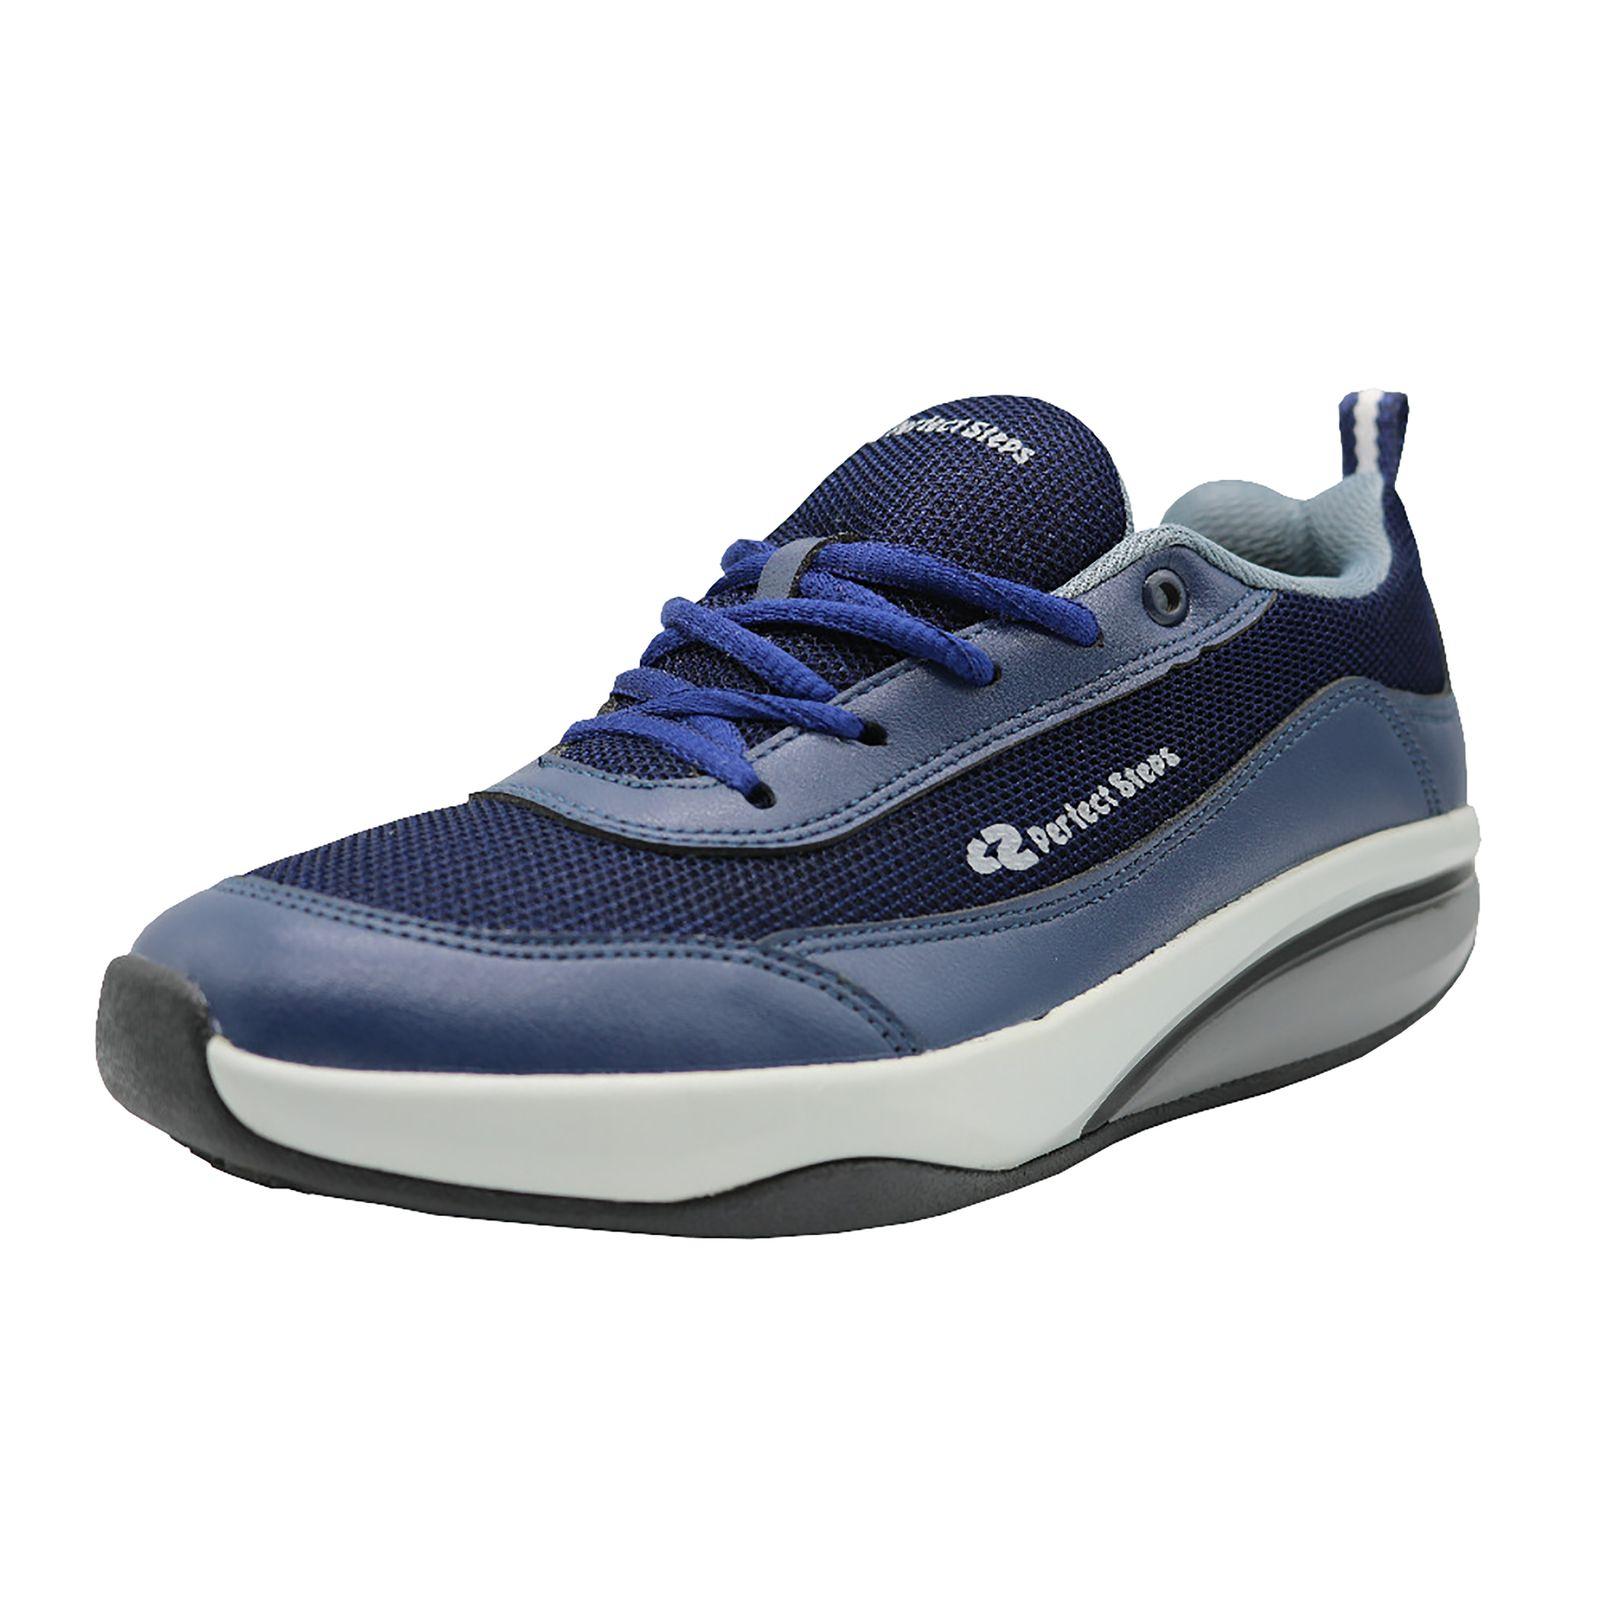 کفش مخصوص پیاده روی مردانه پرفکت استپس مدل نیوآرمیس Db main 1 1